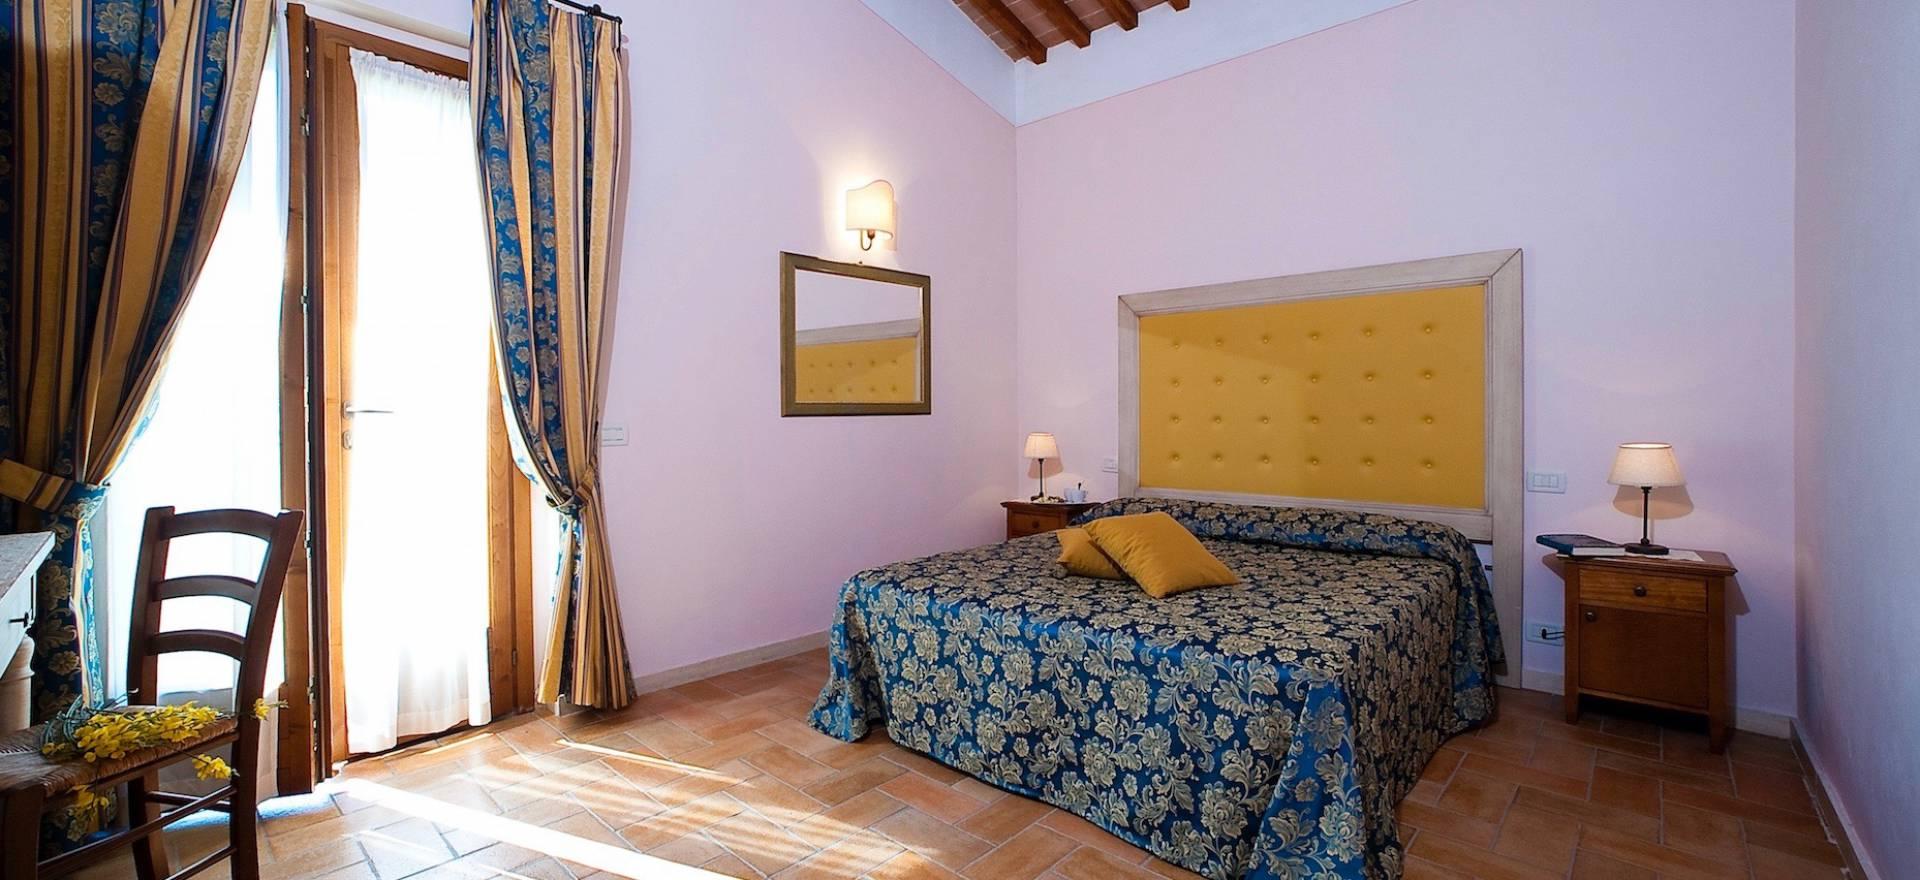 Agriturismo Toscane Landelijk gelegen resort in Toscane, kindvriendelijk en met restaurant